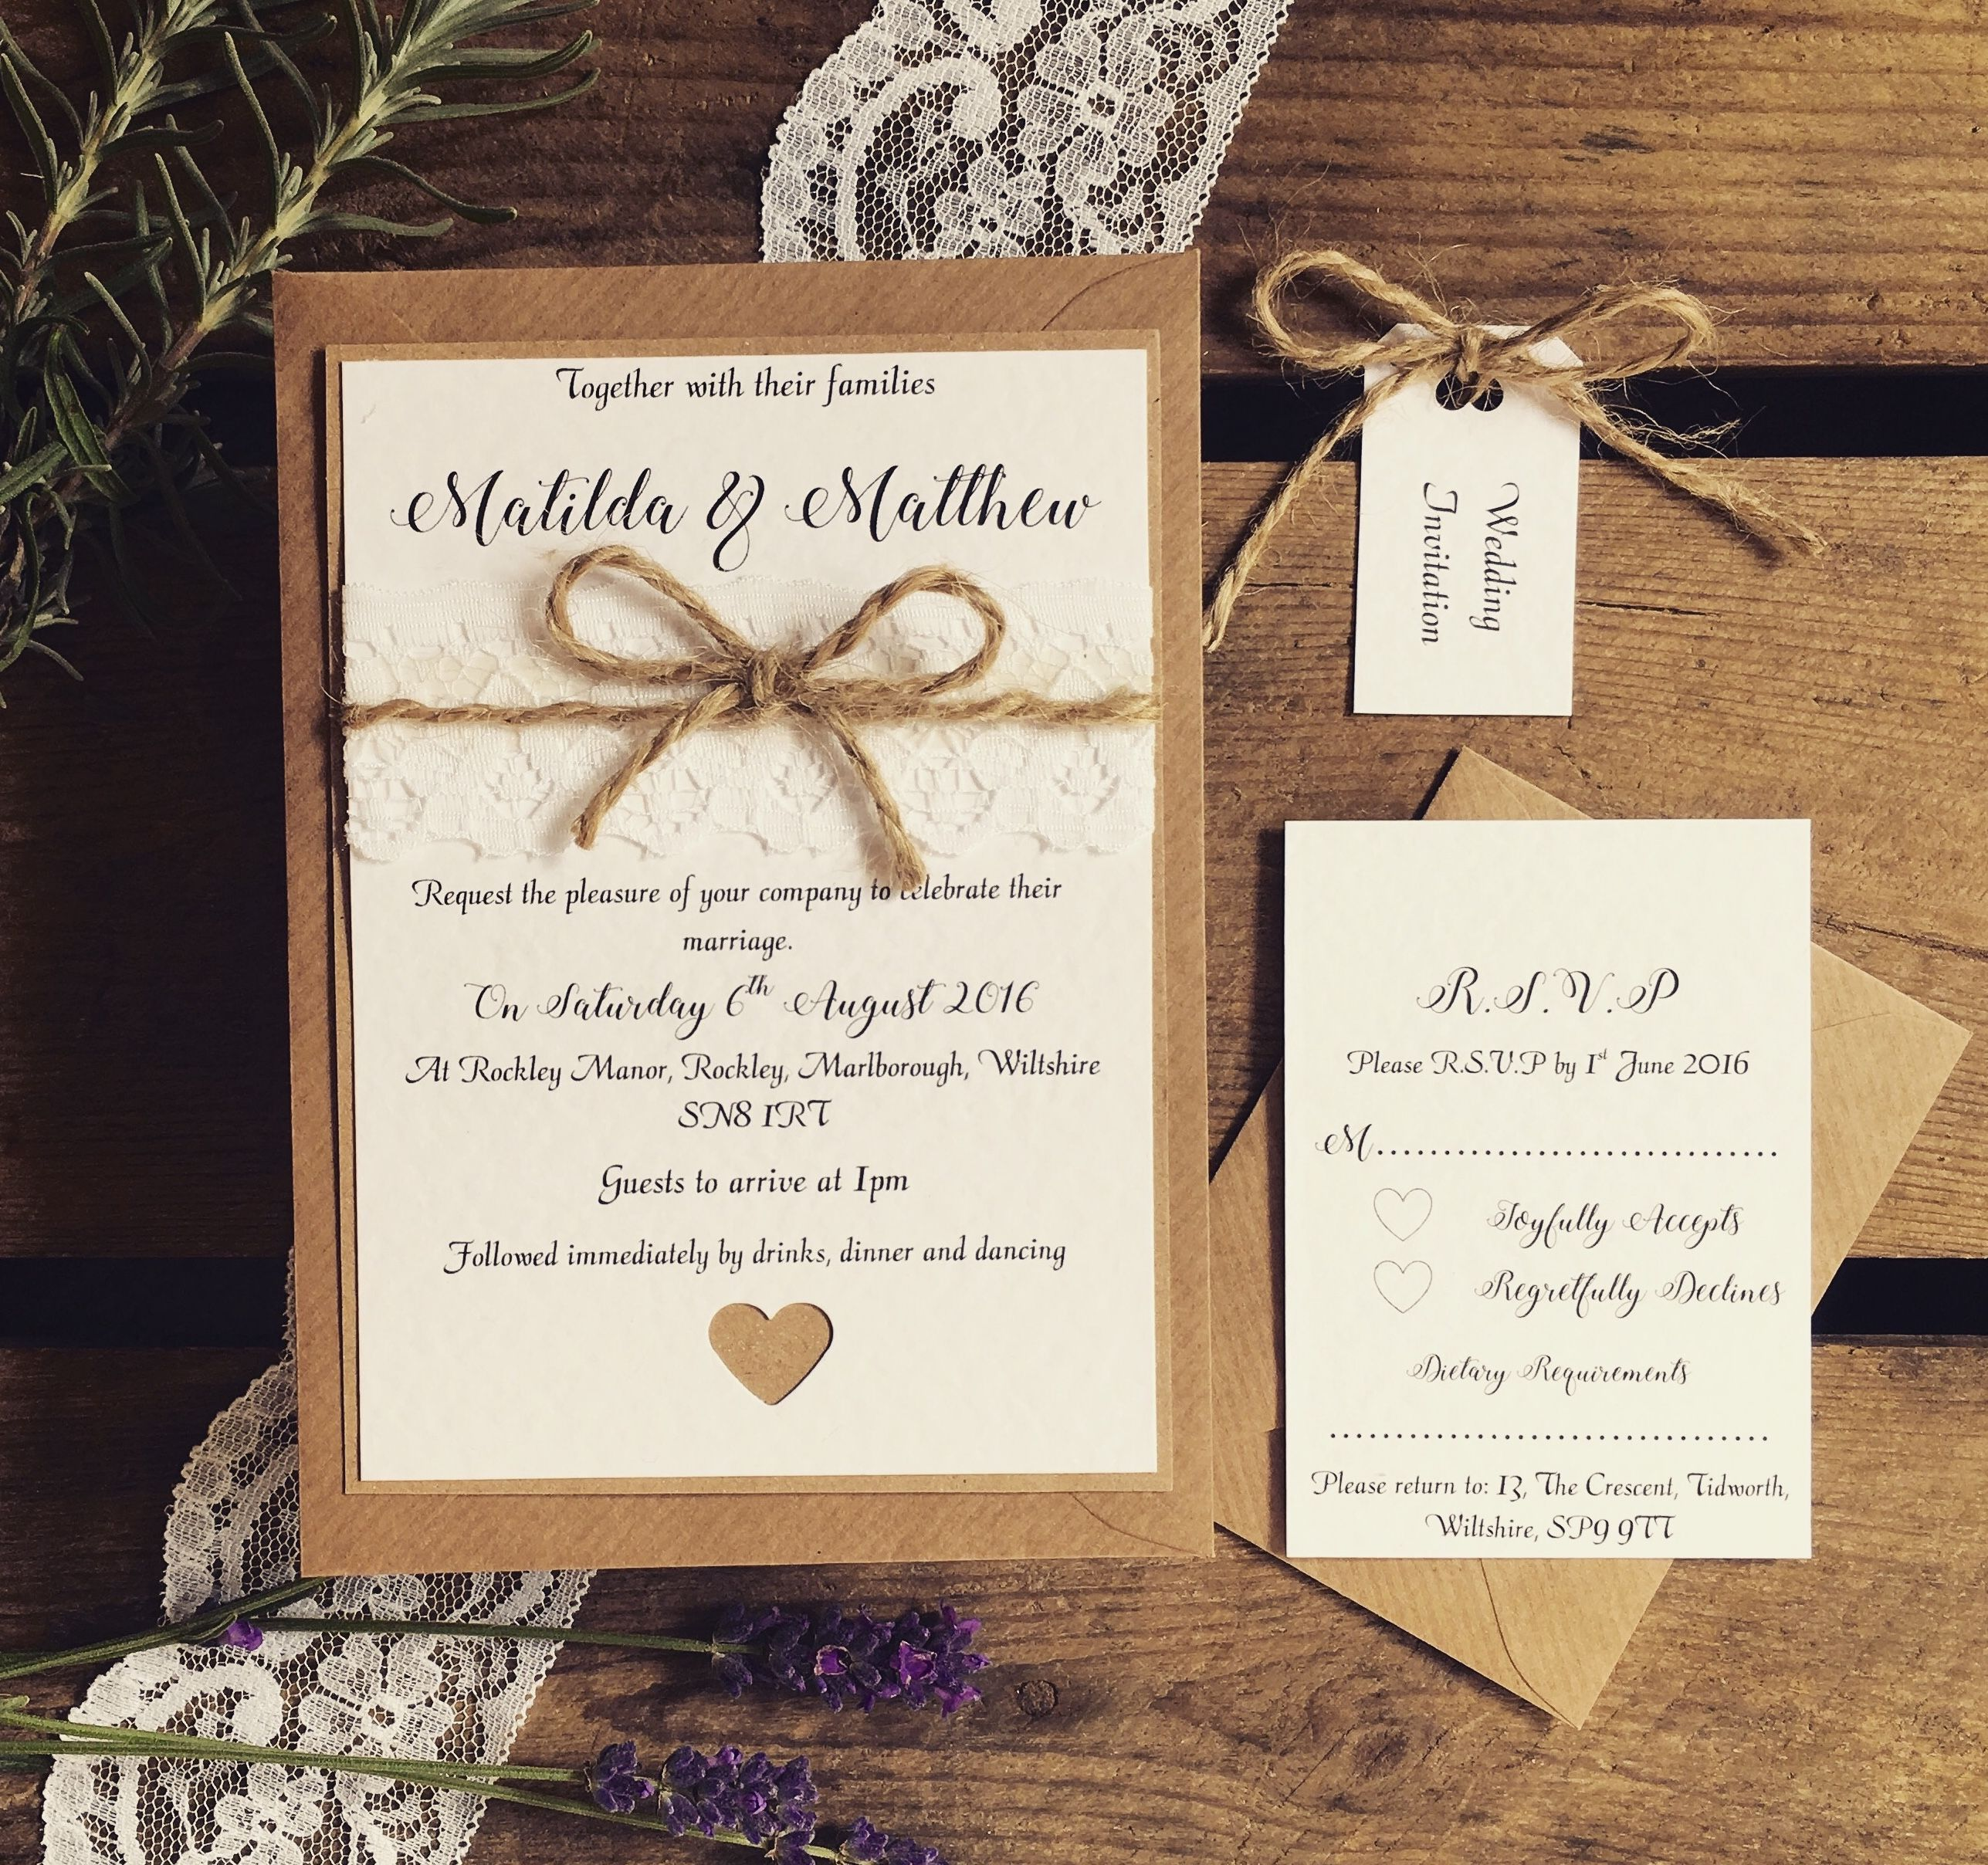 Rustic Wedding Invitation Rustic Invite Rustic Etsy Wedding Invitations Rustic Lace Wedding Invitations Rustic Vintage Wedding